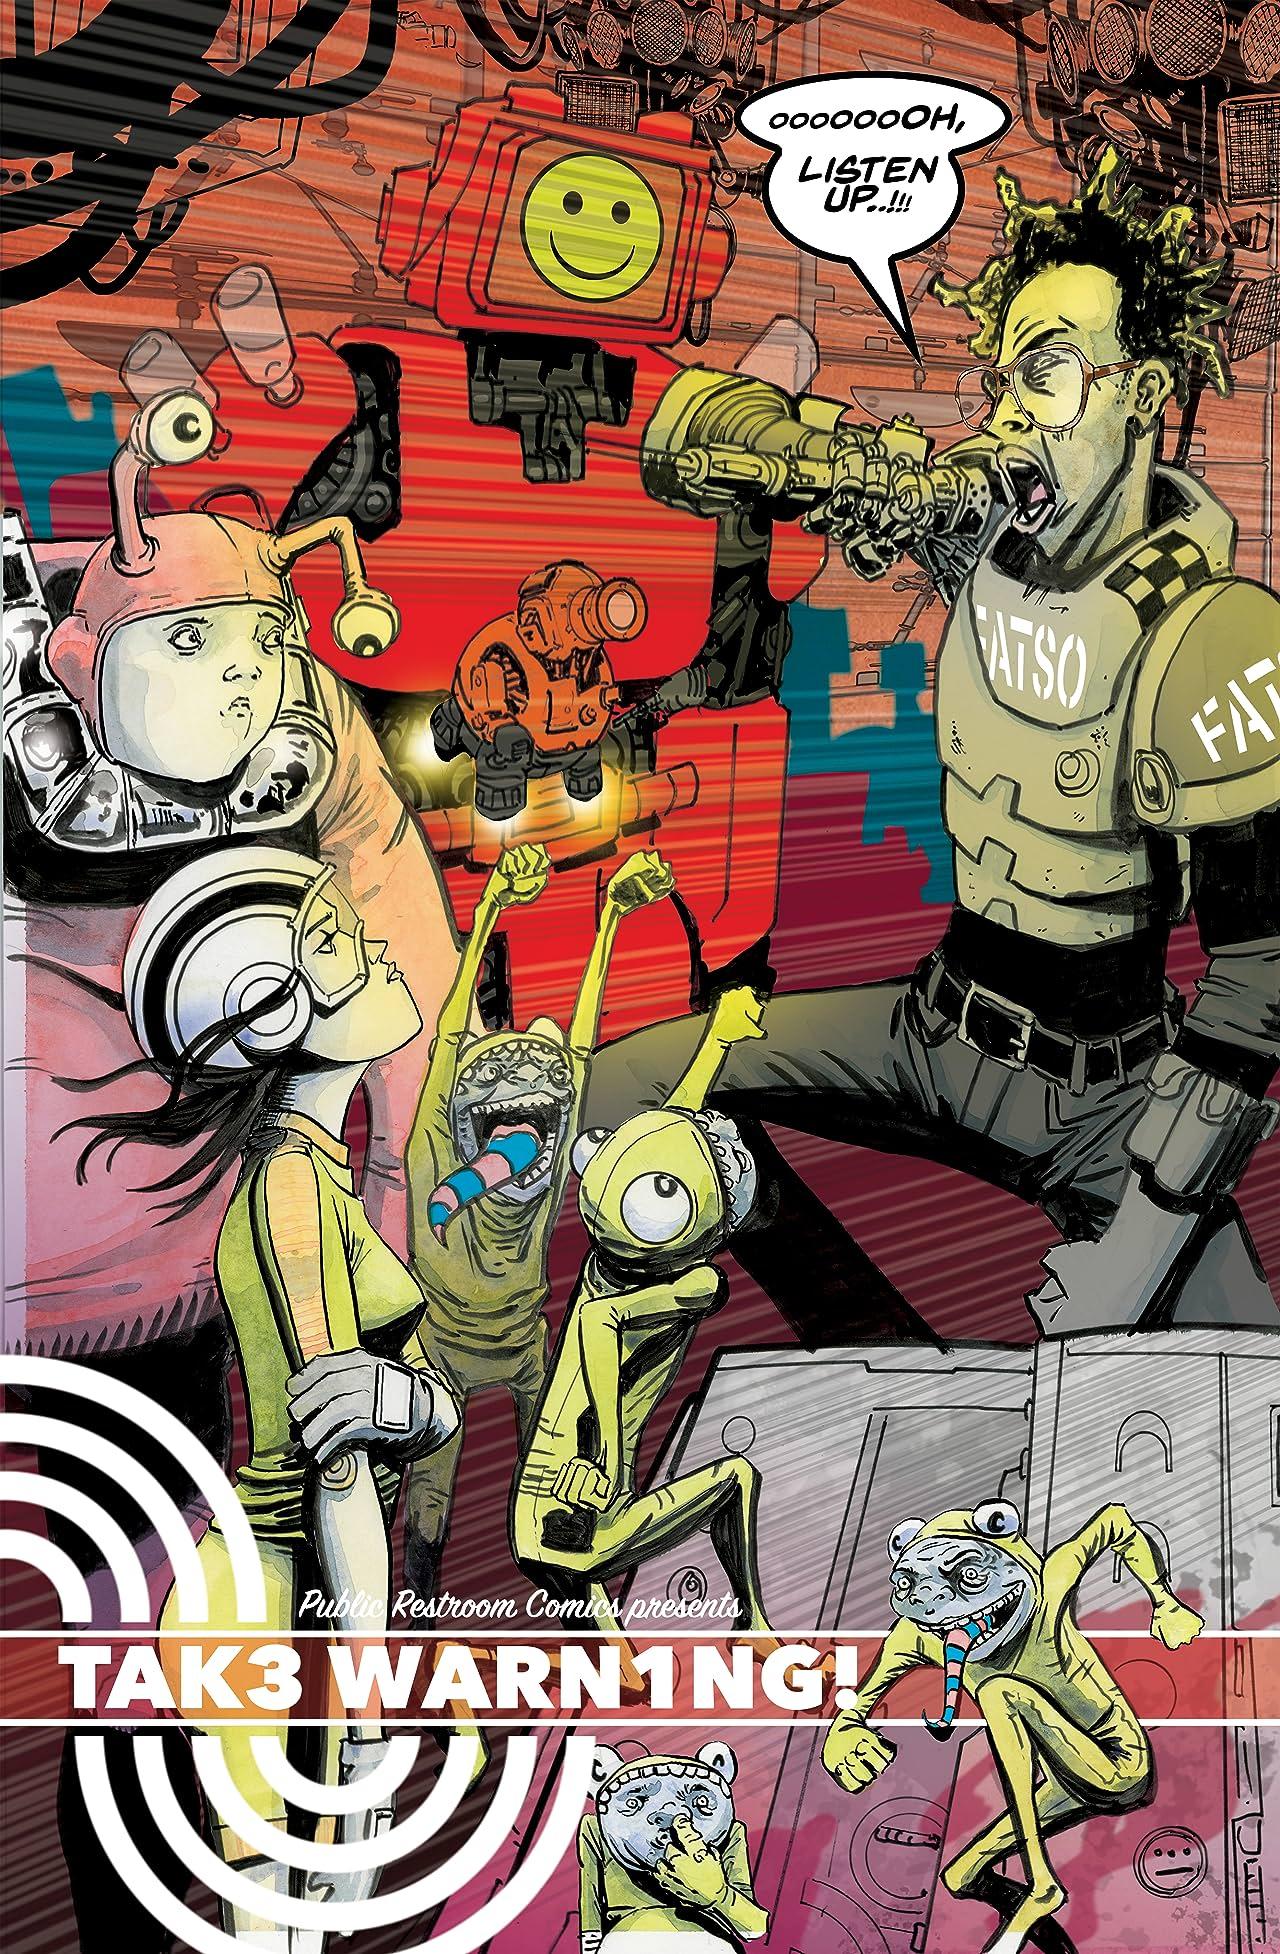 The Space Odditorium #013